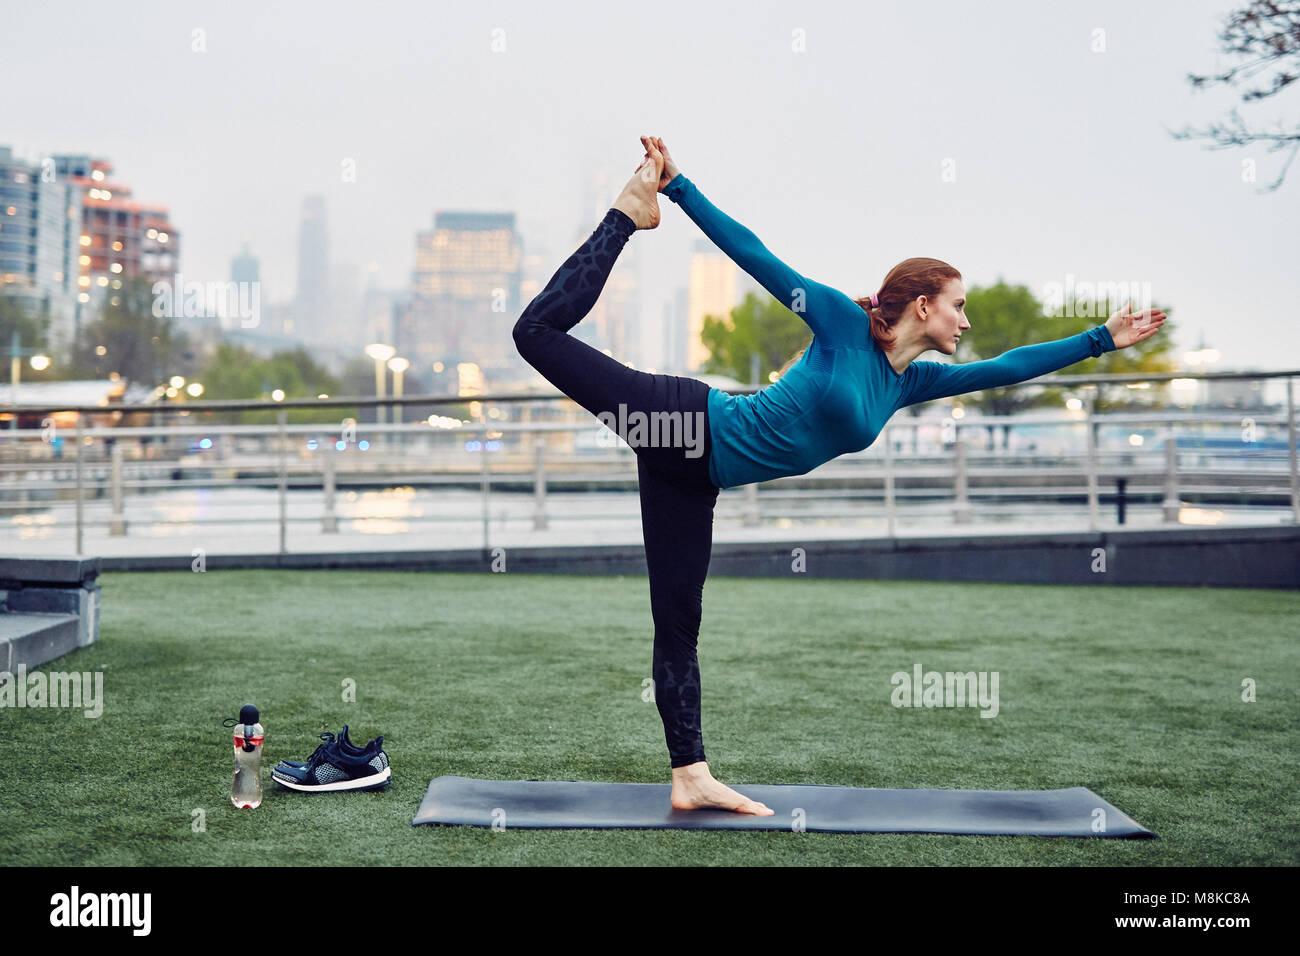 Mujer caucásica realiza yoga en un parque público de la ciudad de Nueva York Imagen De Stock